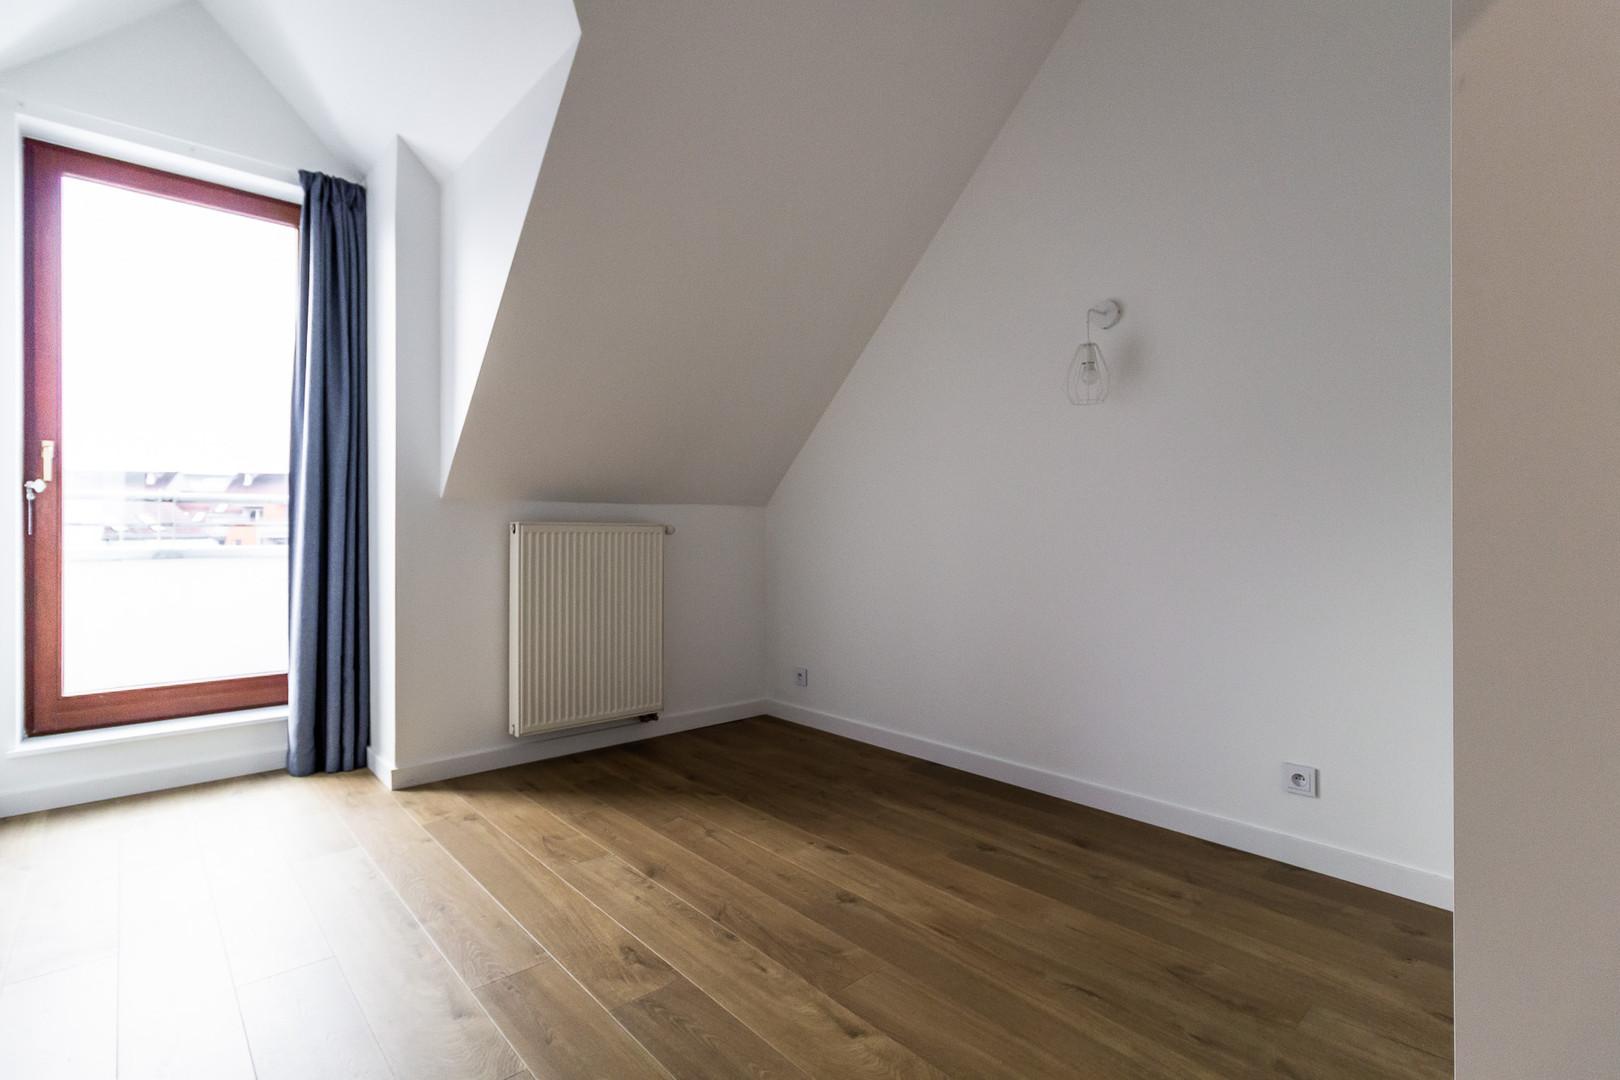 Poznan Szyperska Apartments.jpg